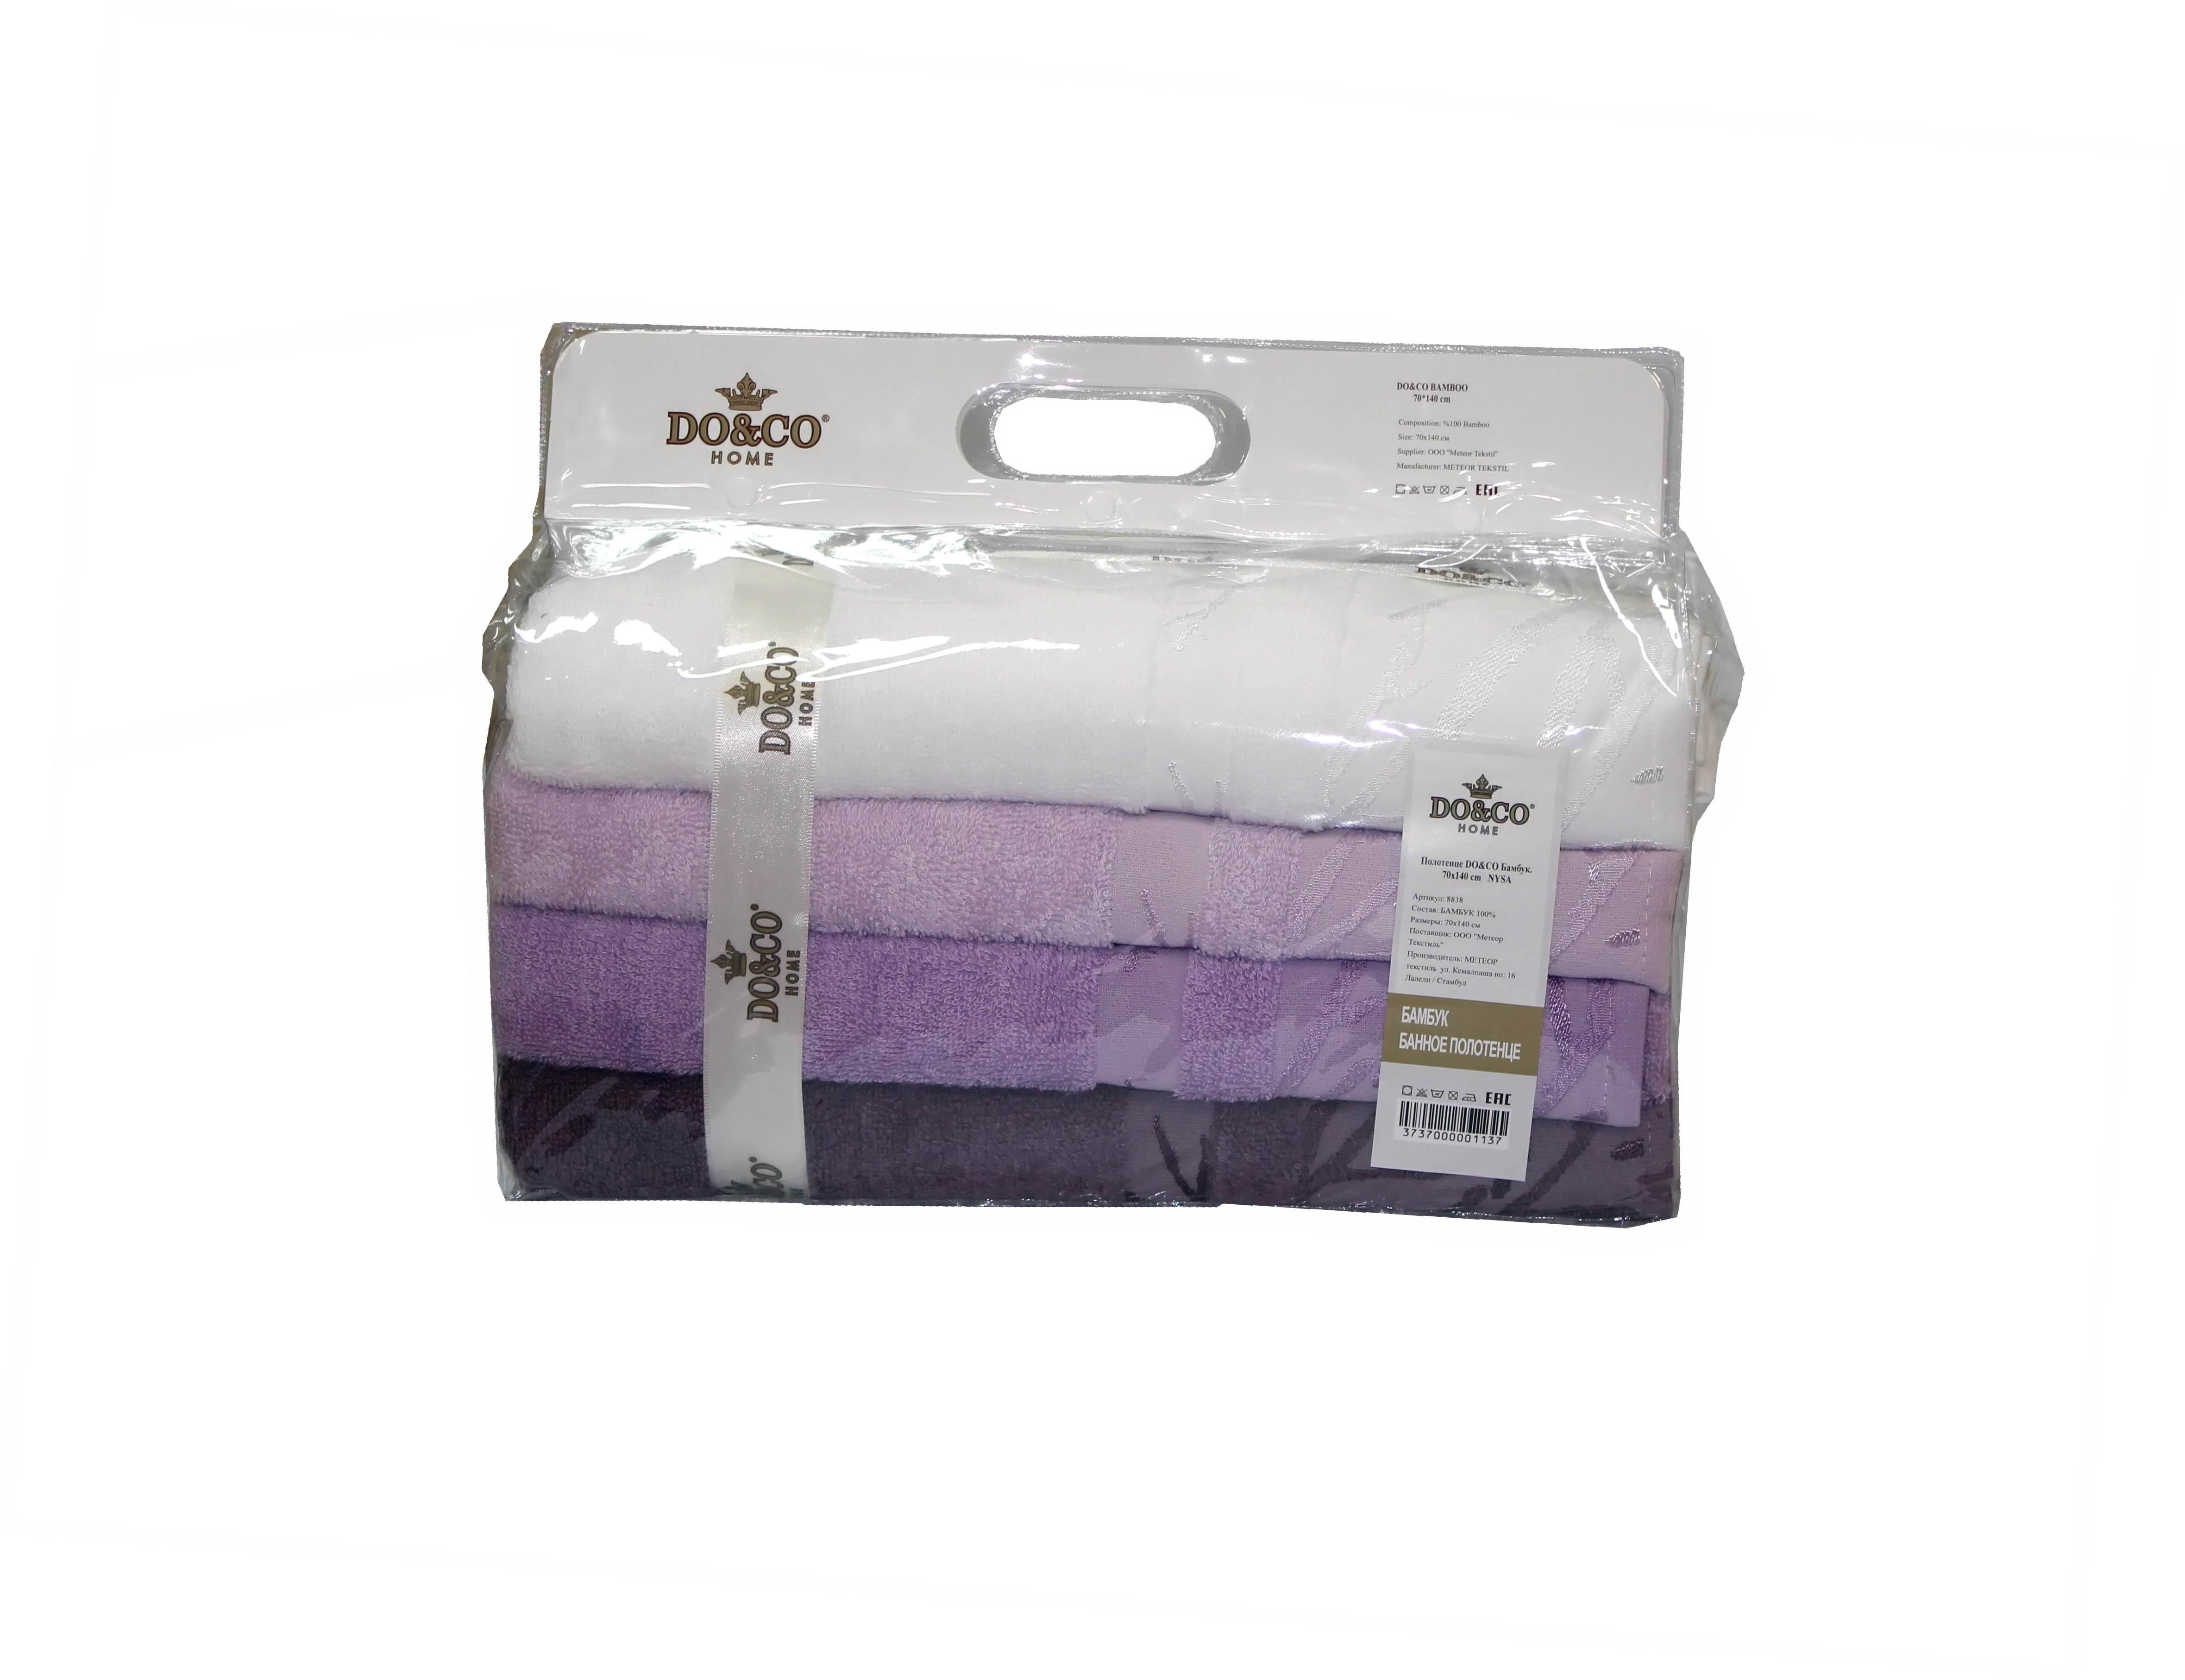 Полотенца DO'n'CO Набор Полотенец Nysa (70х140 см - 4 шт) полотенца do n co набор полотенец clara 70х140 см 4 шт